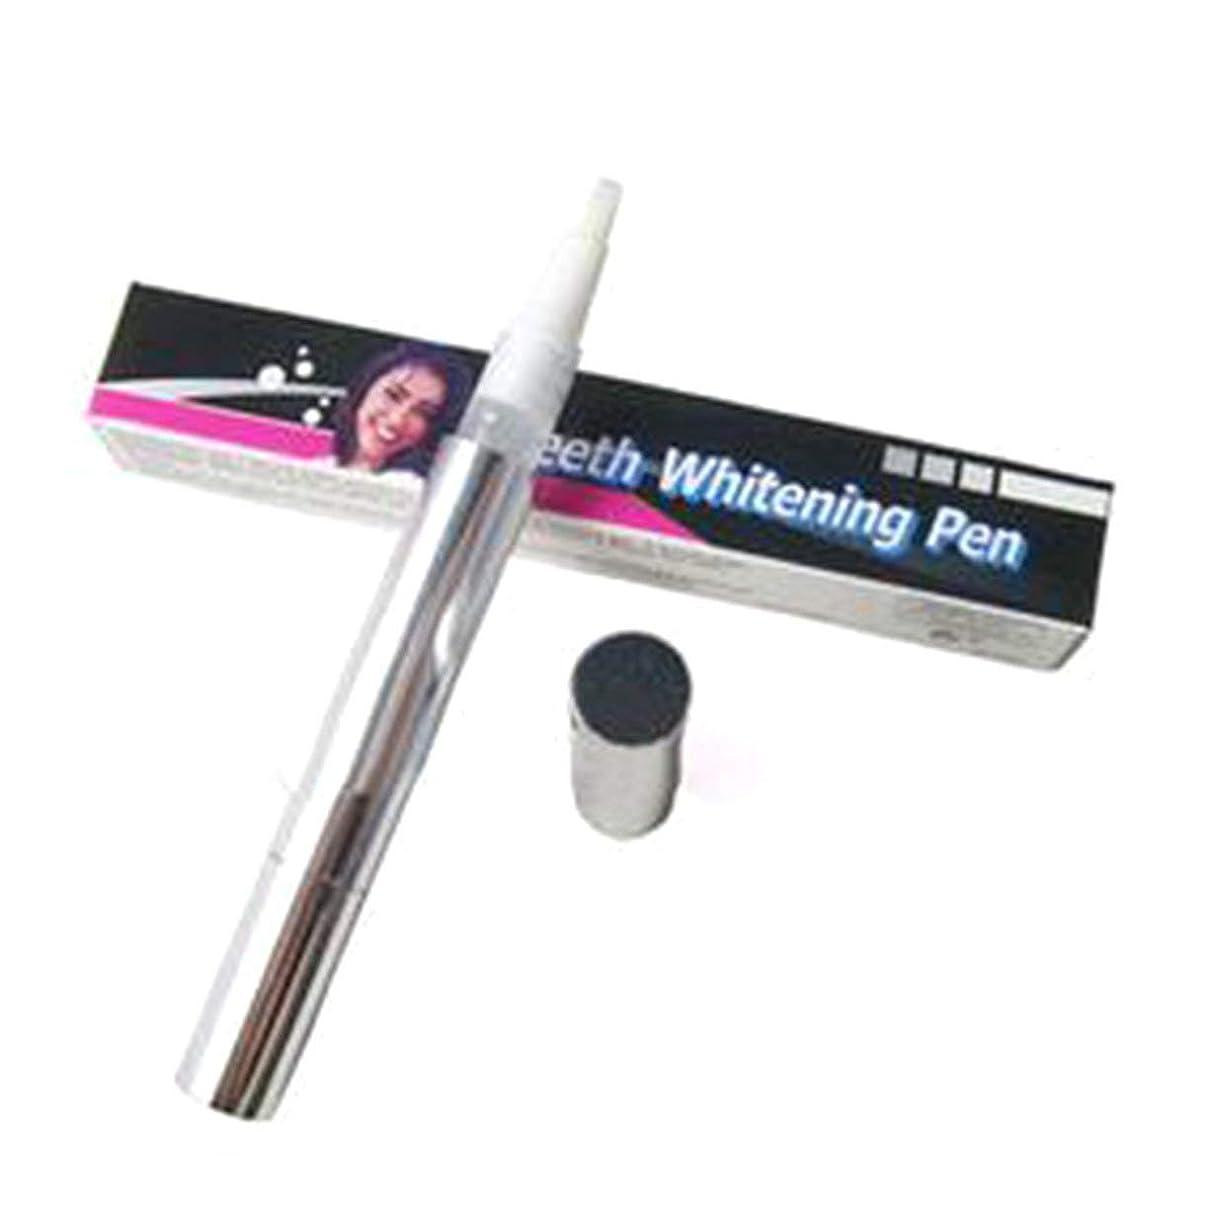 脱獄高層ビル変更ペンホワイトニングペン強力な汚れ消しゴム除去速い漂白歯ジェルホワイトナー歯科口腔衛生用品 - シルバー